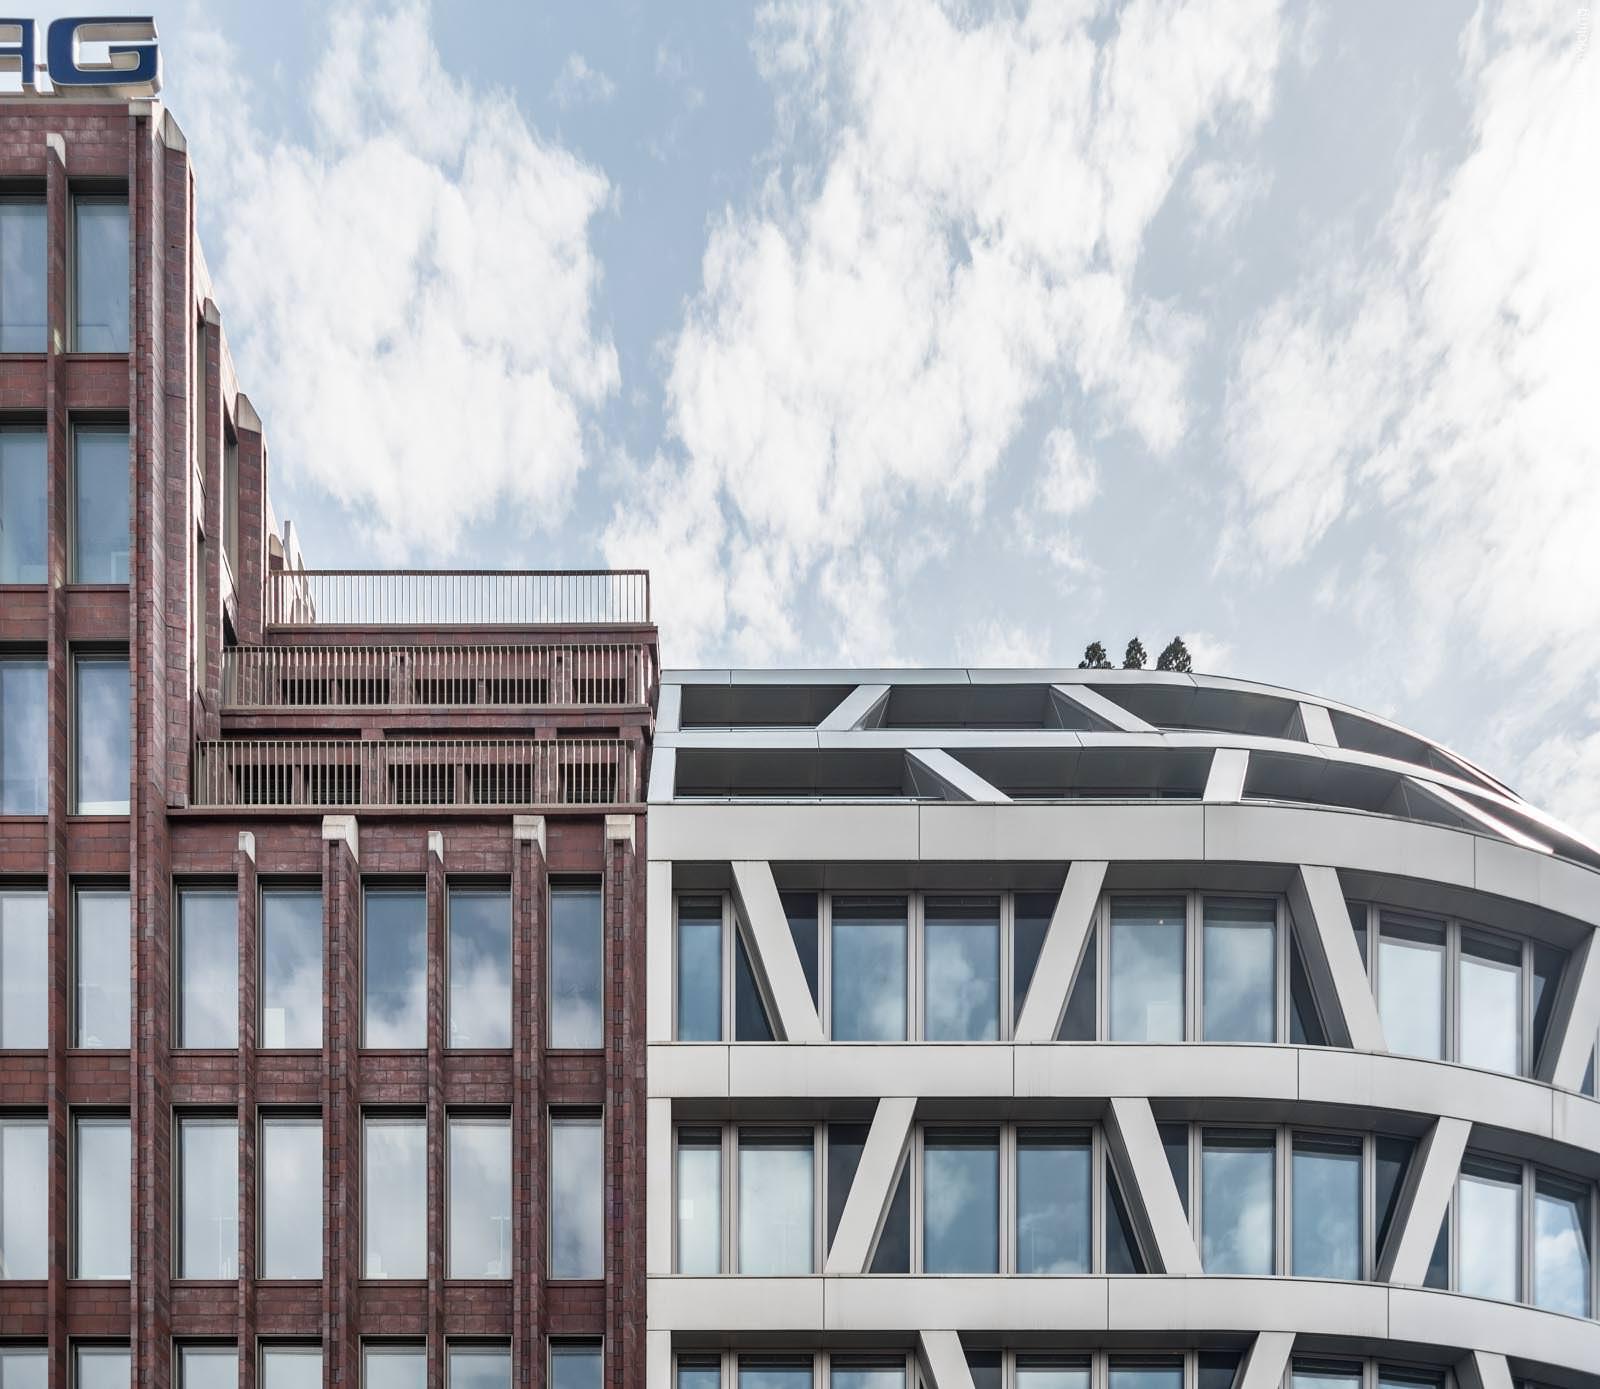 Hackesches Quartier, Berlin - Grüntuch Ernst Architekten, 2011